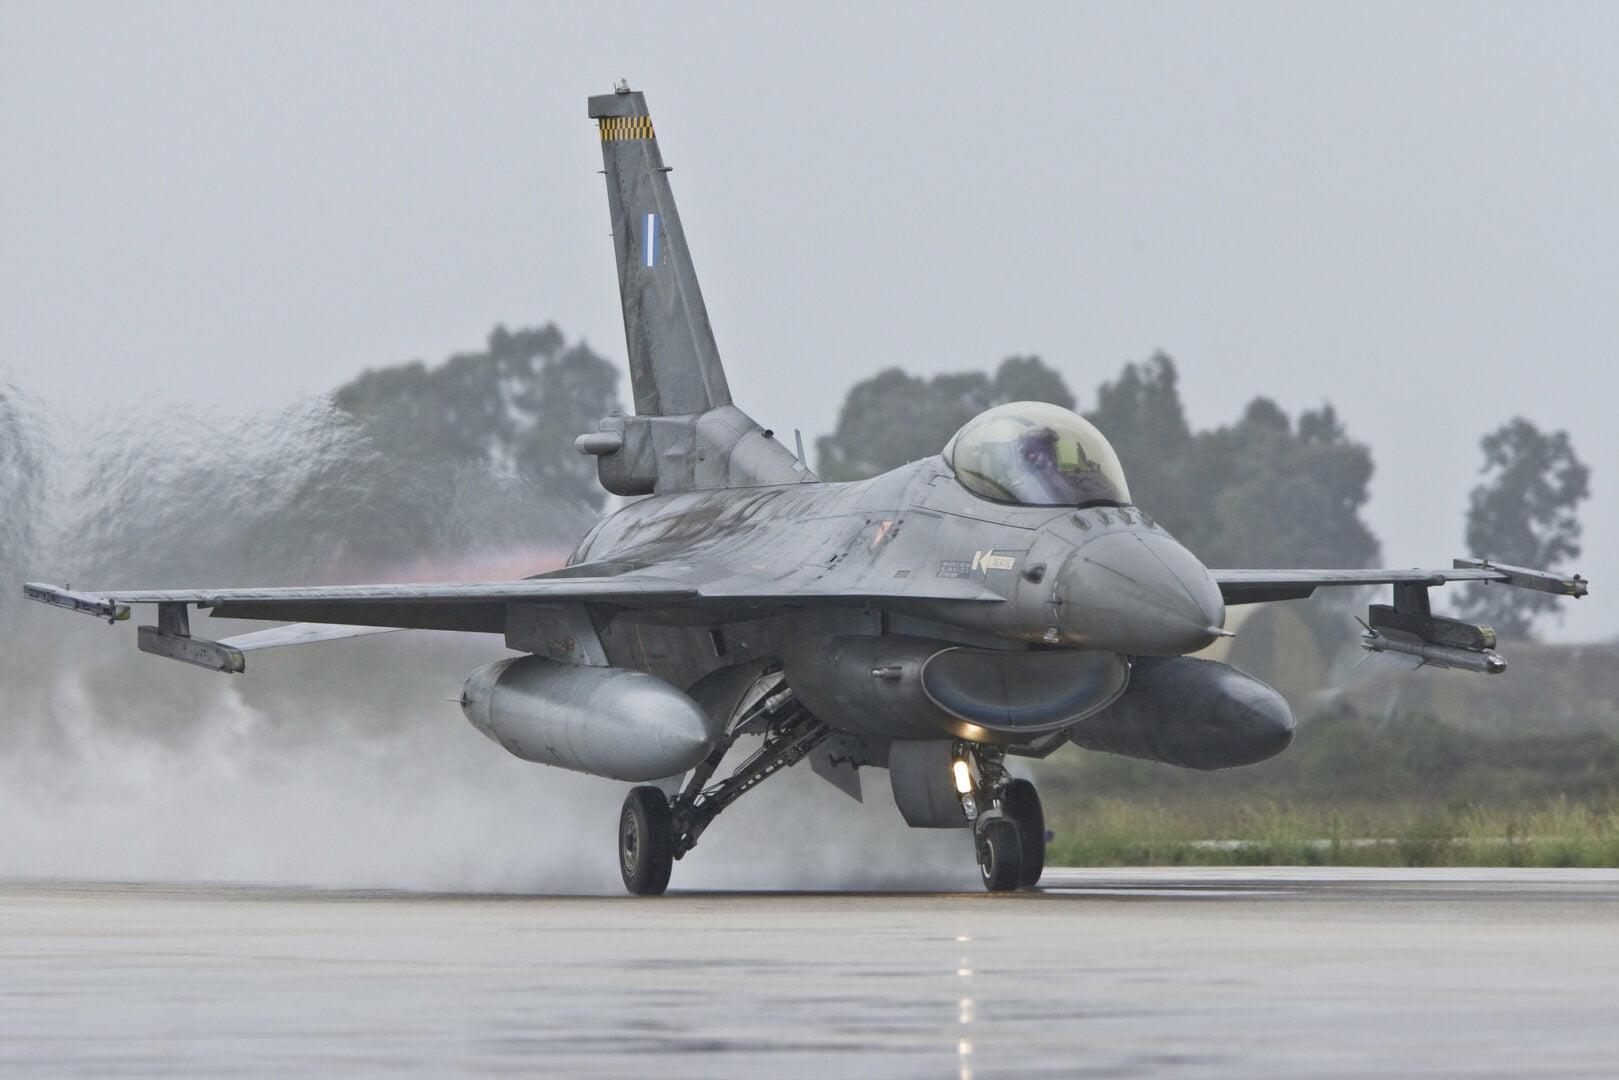 ΣΥΝΕΧΙΖΕΤΑΙ Η ΑΝΑΒΑΘΜΙΣΗ ΤΩΝ F16 ΣΕ VIPER ΜΕΣΩ ΕΑΒ